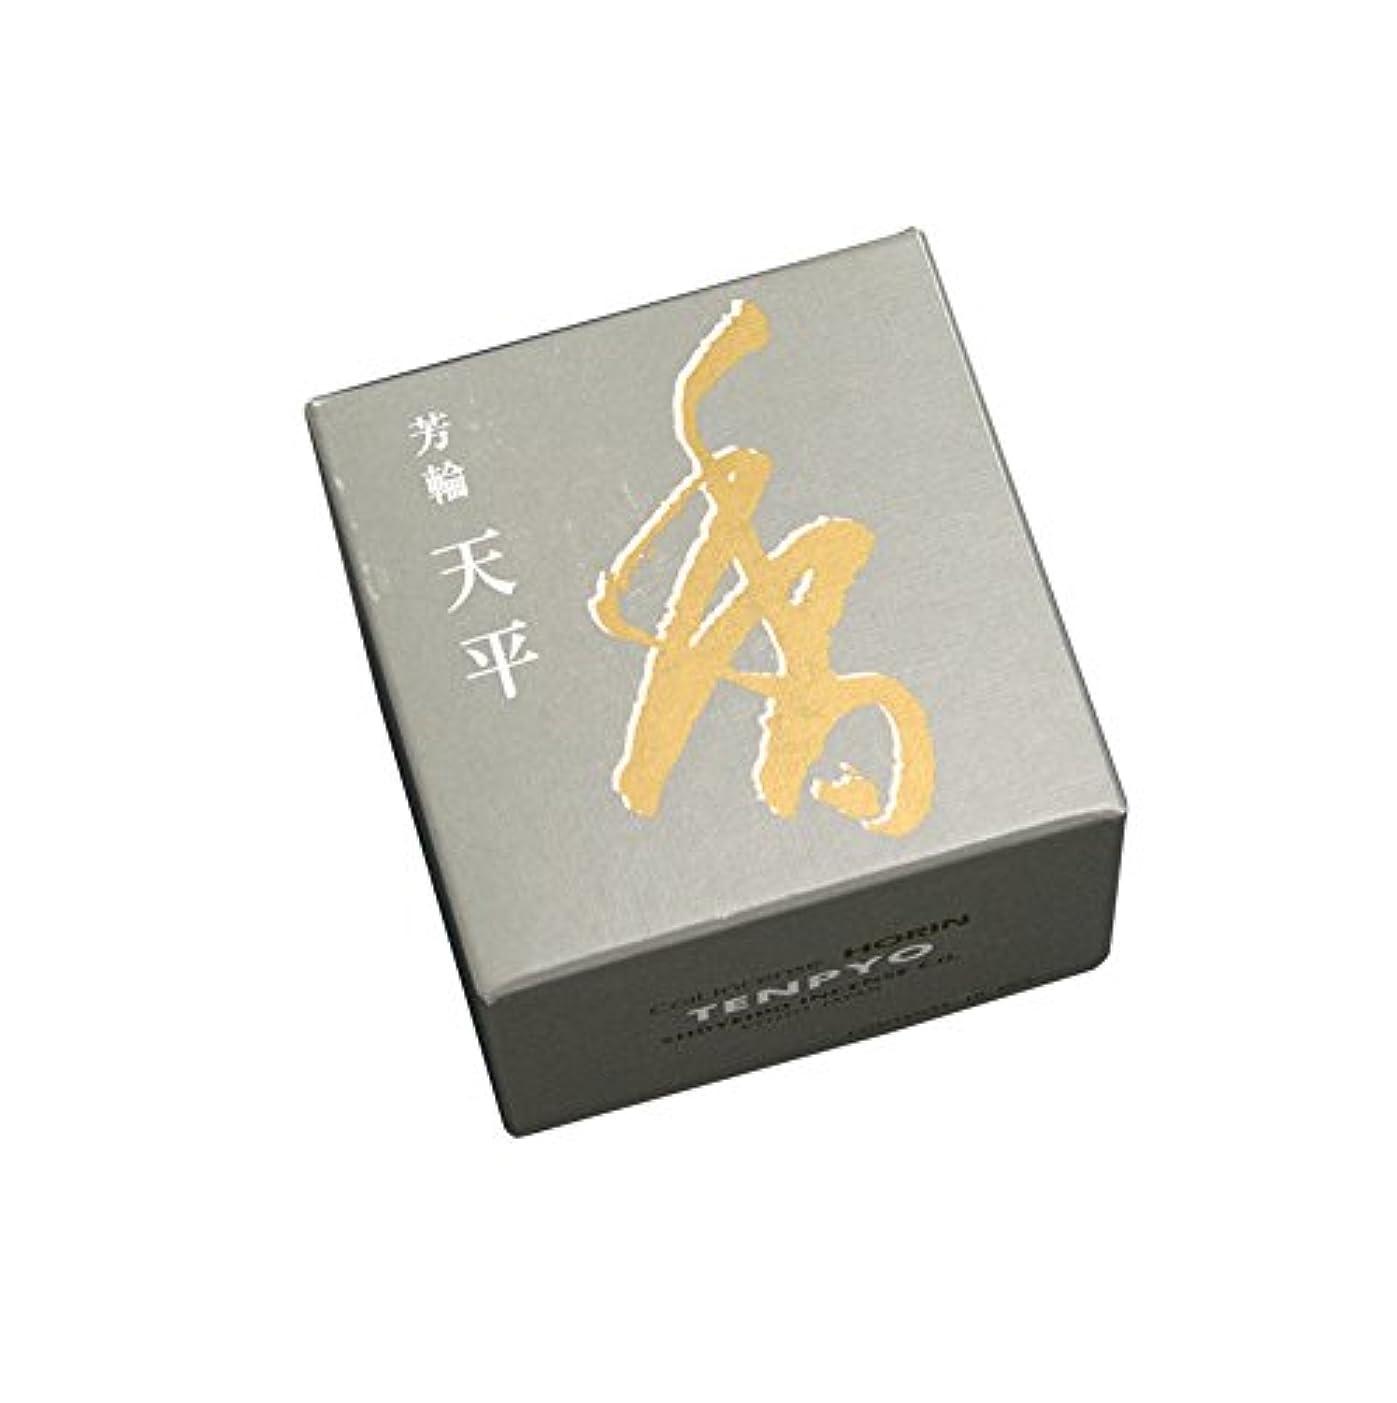 適合しましたラップトップ定義する松栄堂のお香 芳輪天平 渦巻型10枚入 うてな角型付 #210521